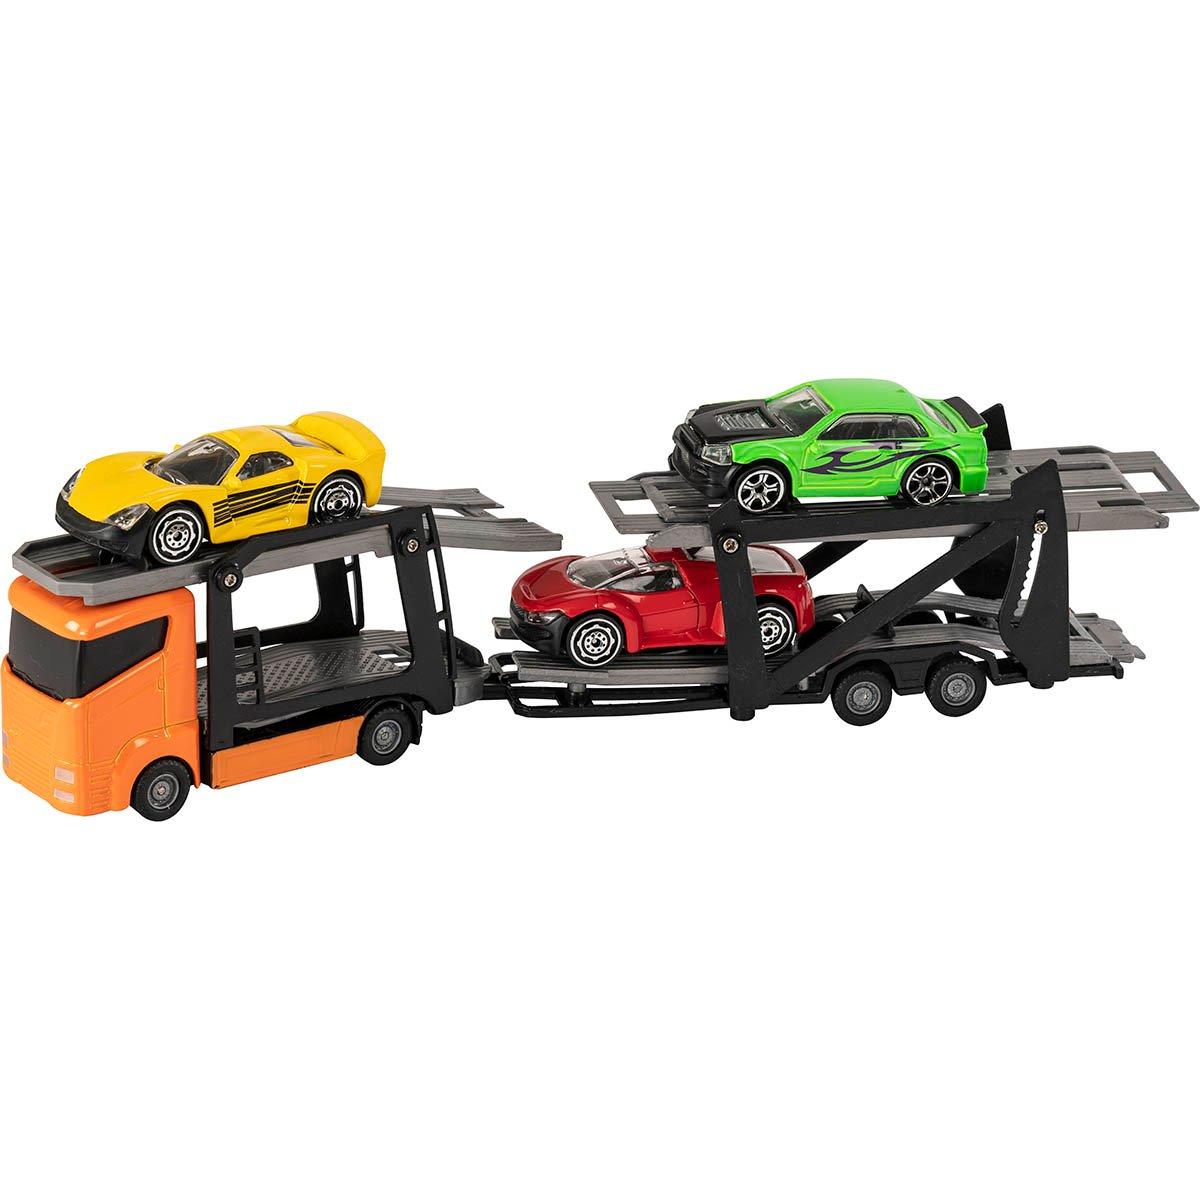 Set Camion transportator cu masinute Teamsterz, Portocaliu